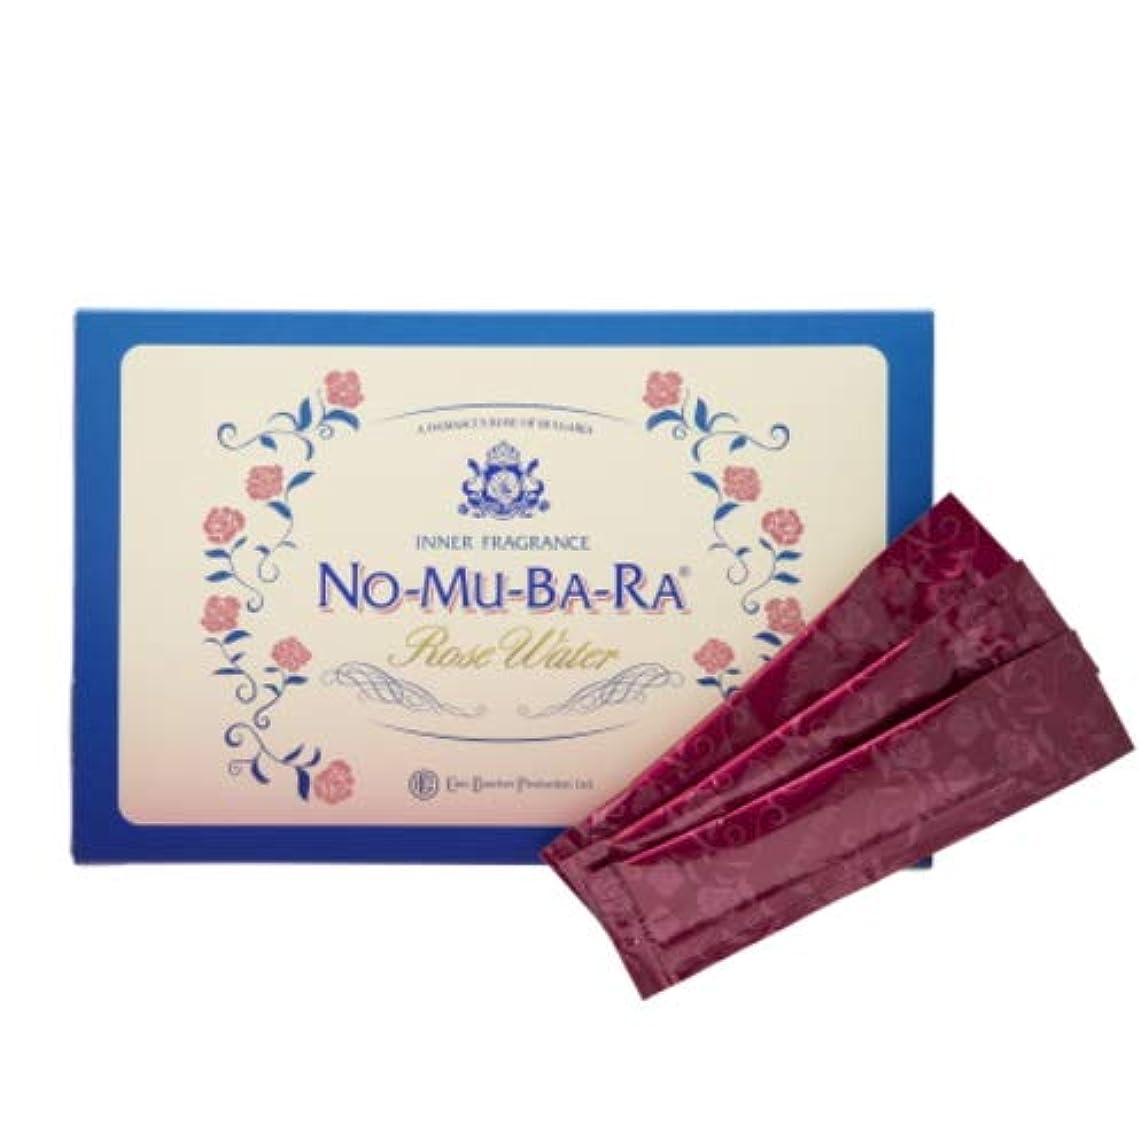 鋸歯状日水没NO-MU-BA-RA NO-MU-BA-RA(ノムバラ)(35包入)【モンドセレクション受賞】